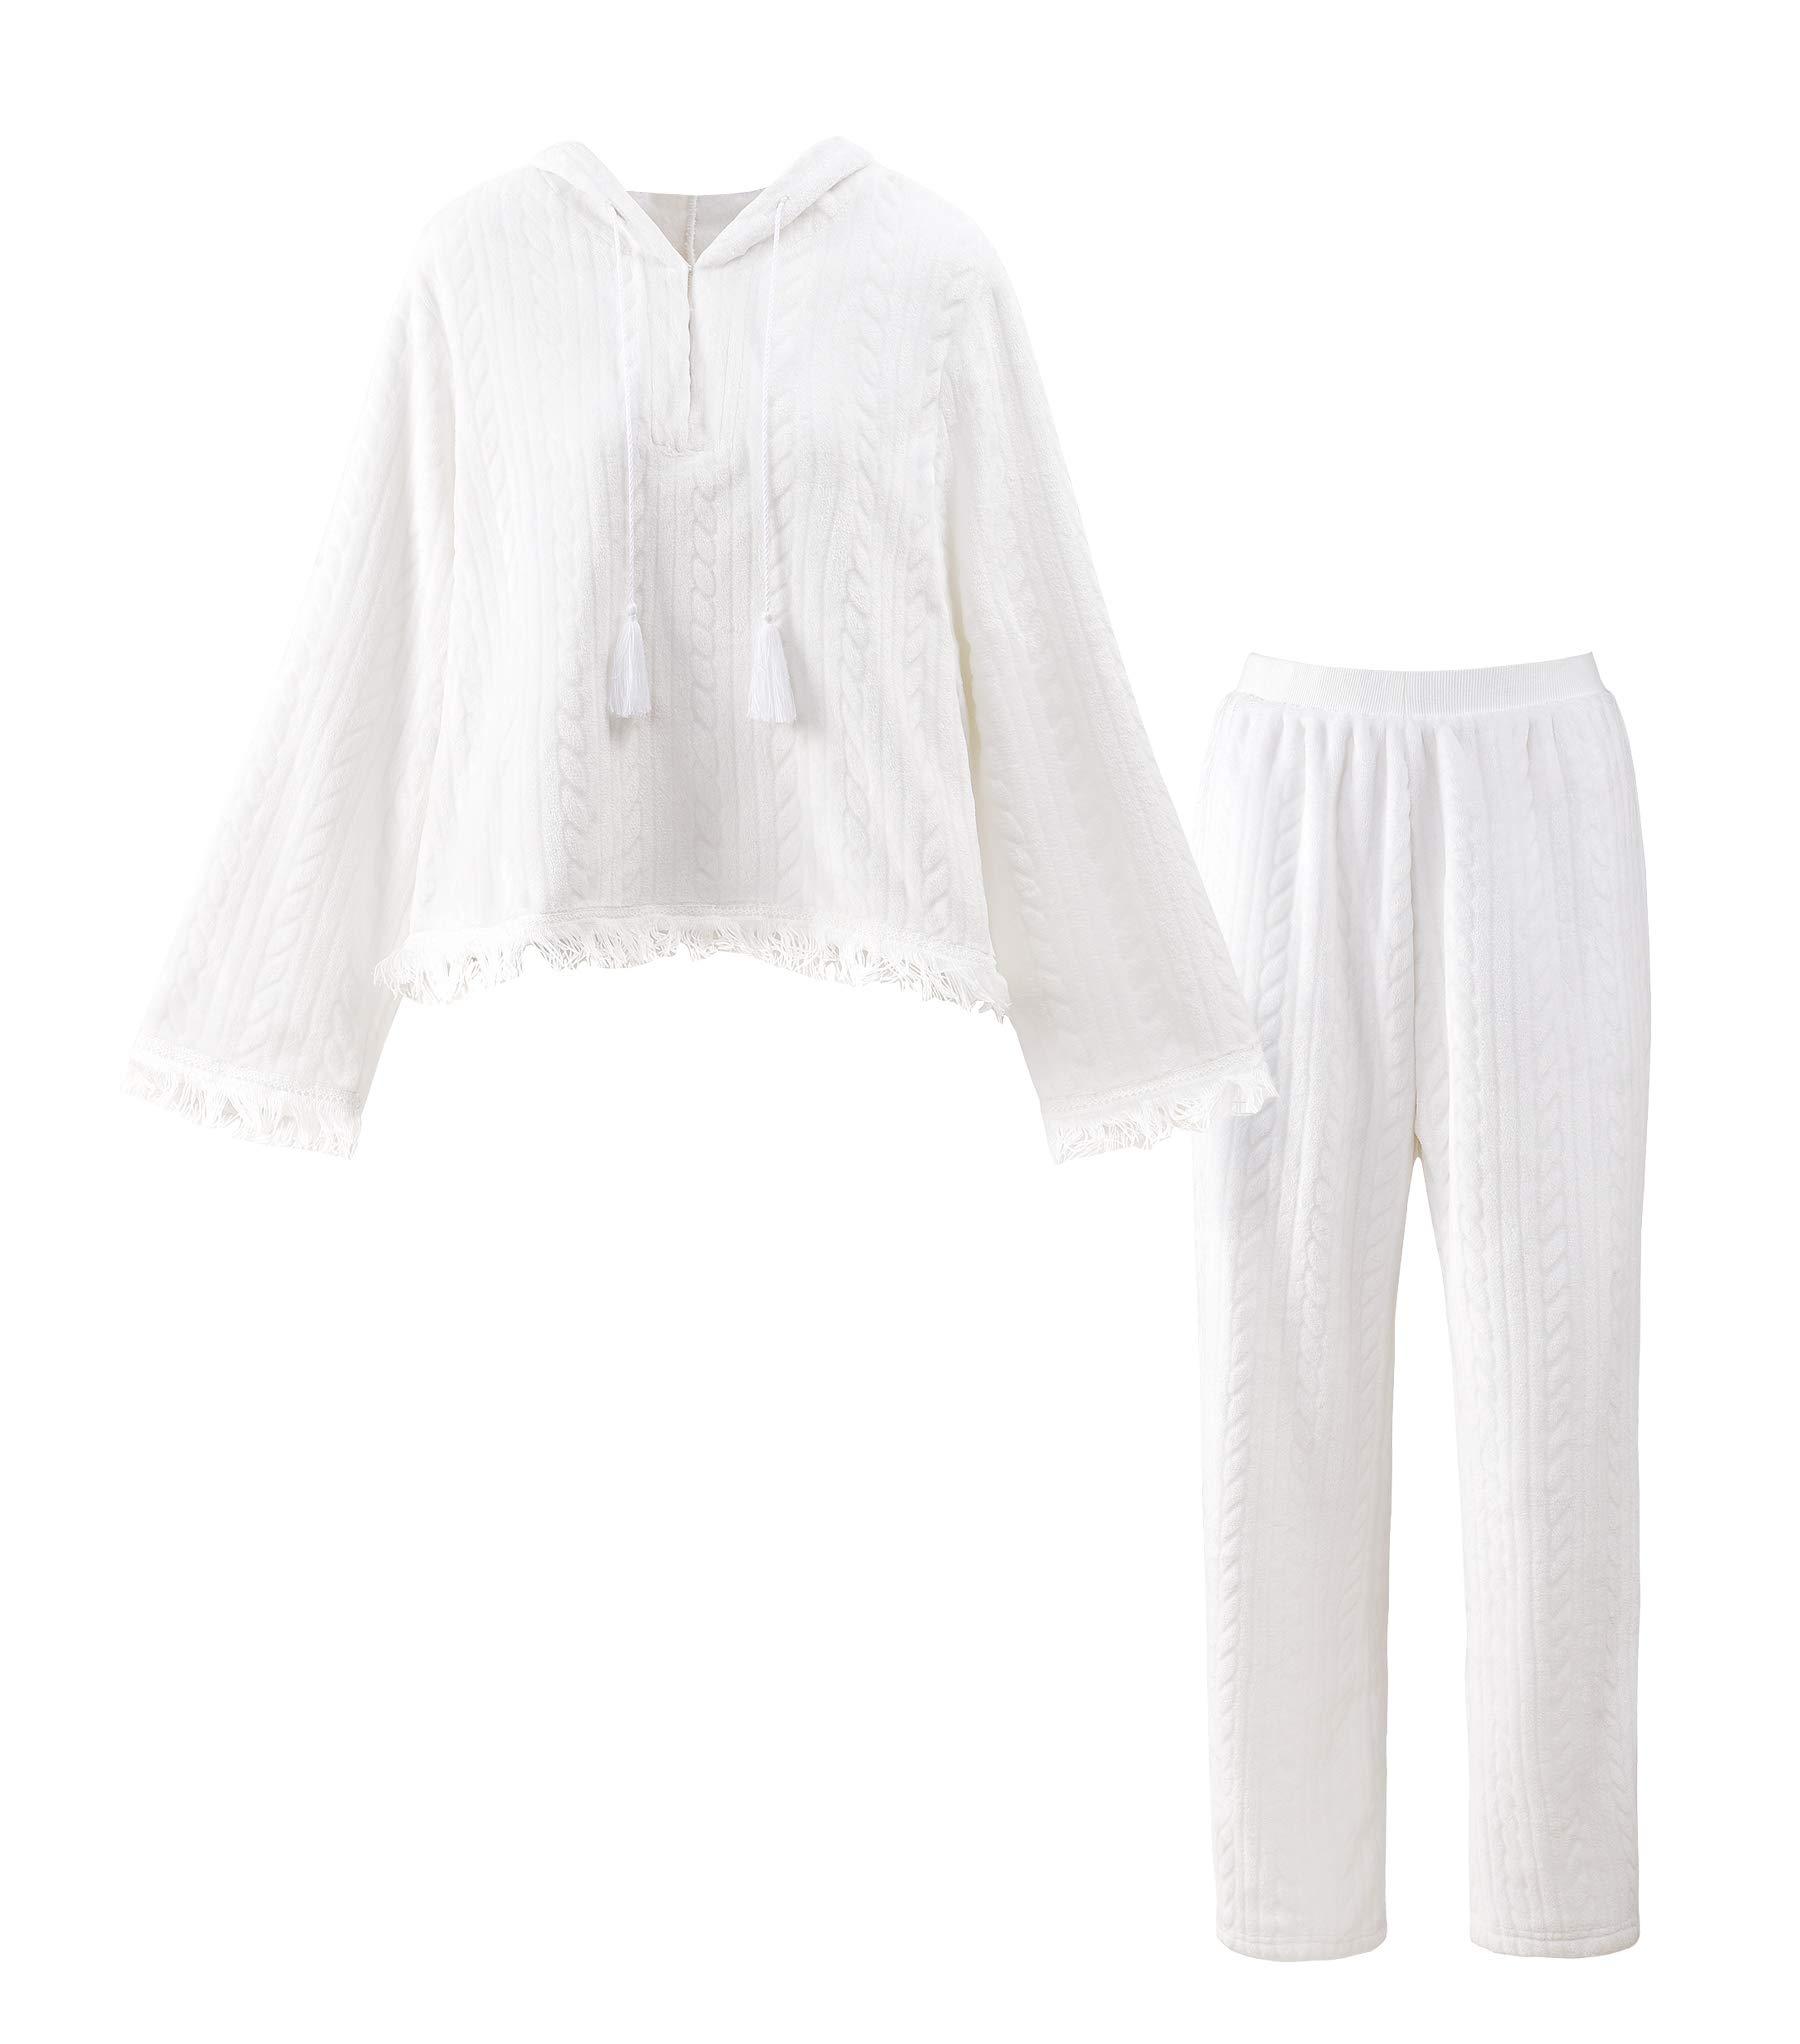 Ensemble de Pyjama Vêtement de Nuit Famille-Femme Deux Pièces Capuche Top et Pantalon Long Hiver Polaire Doudou Chaud épais Rose